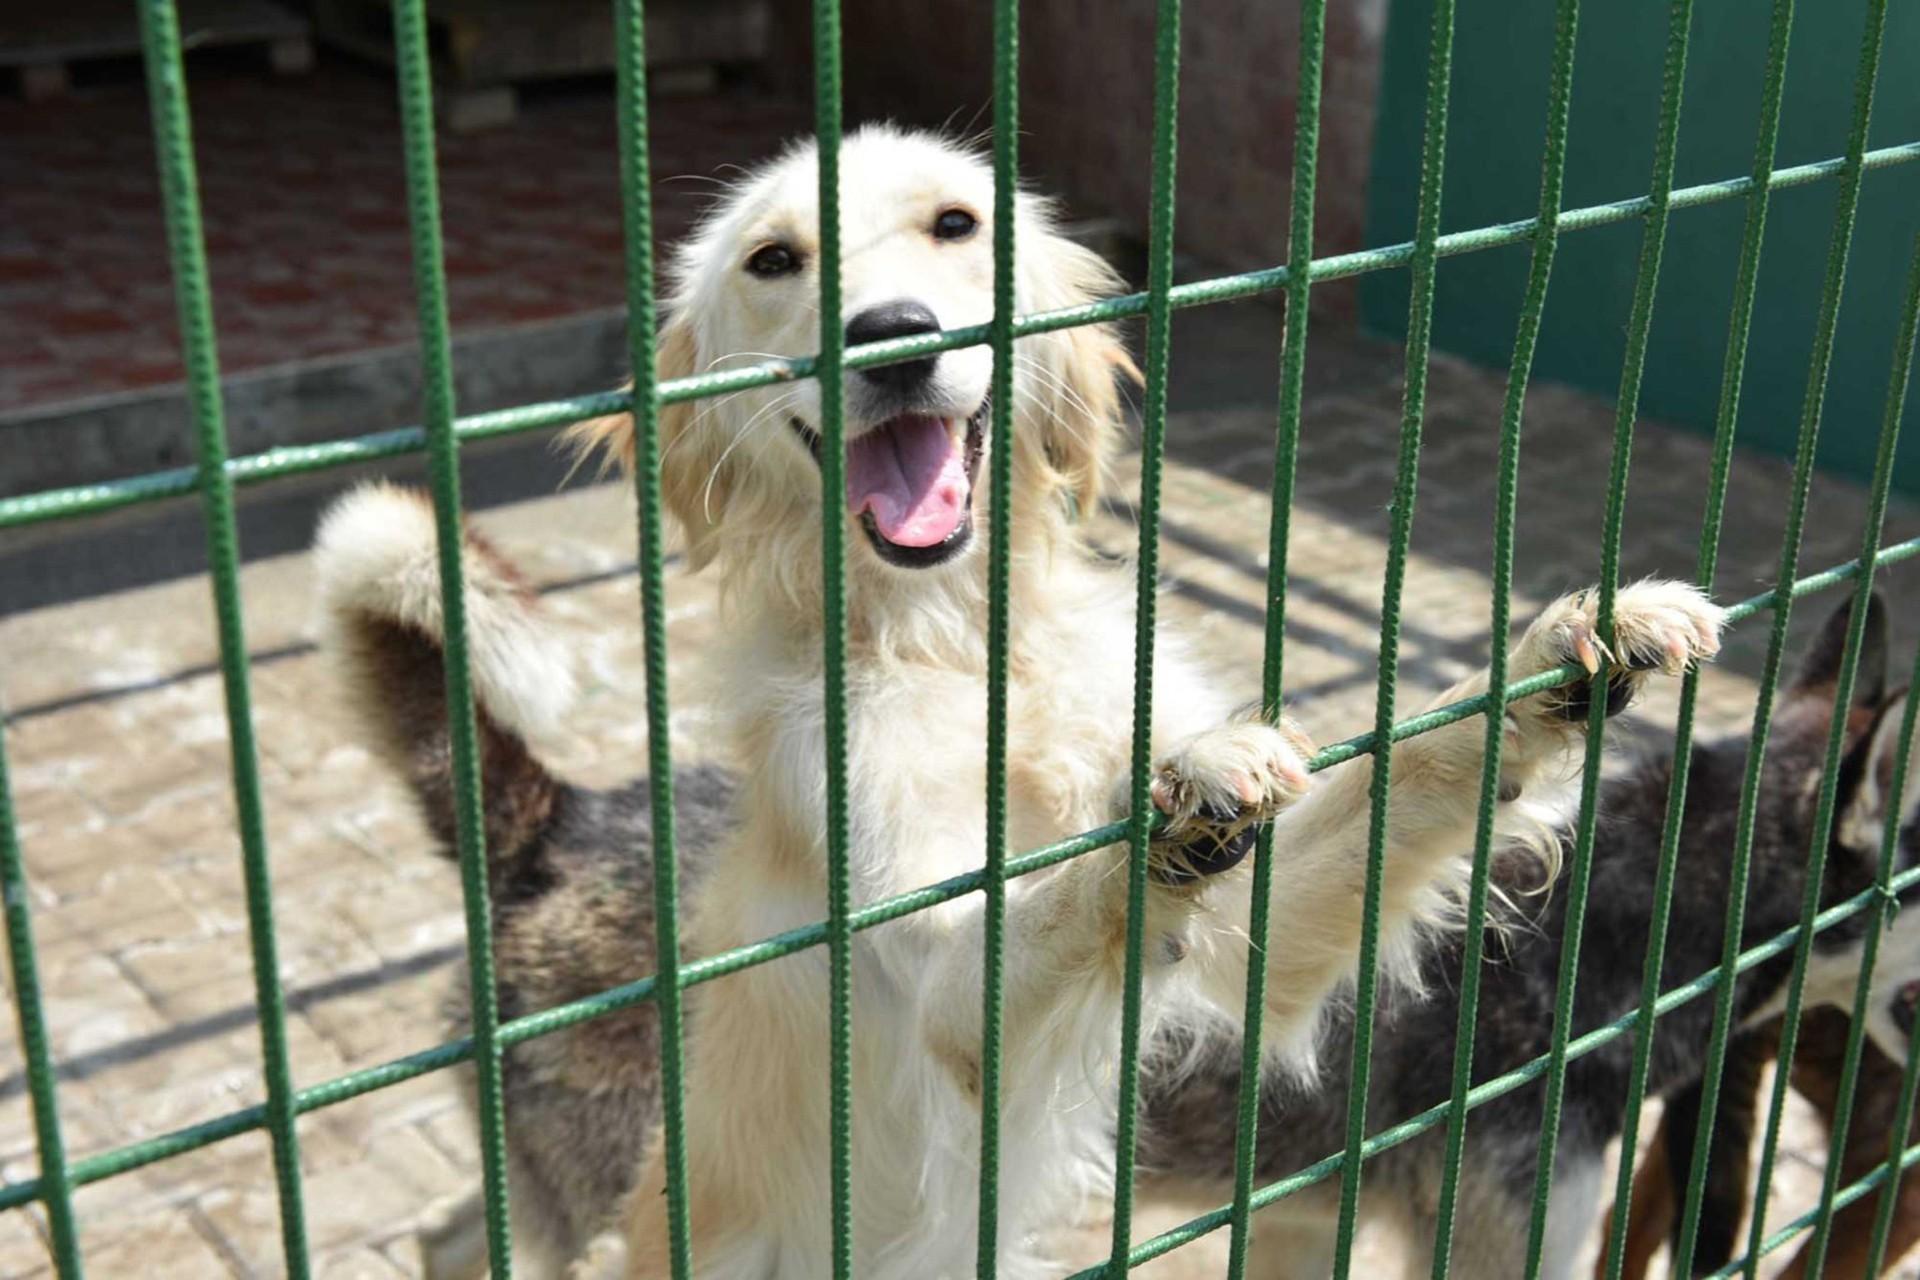 Teller ardından beyaz bir köpek